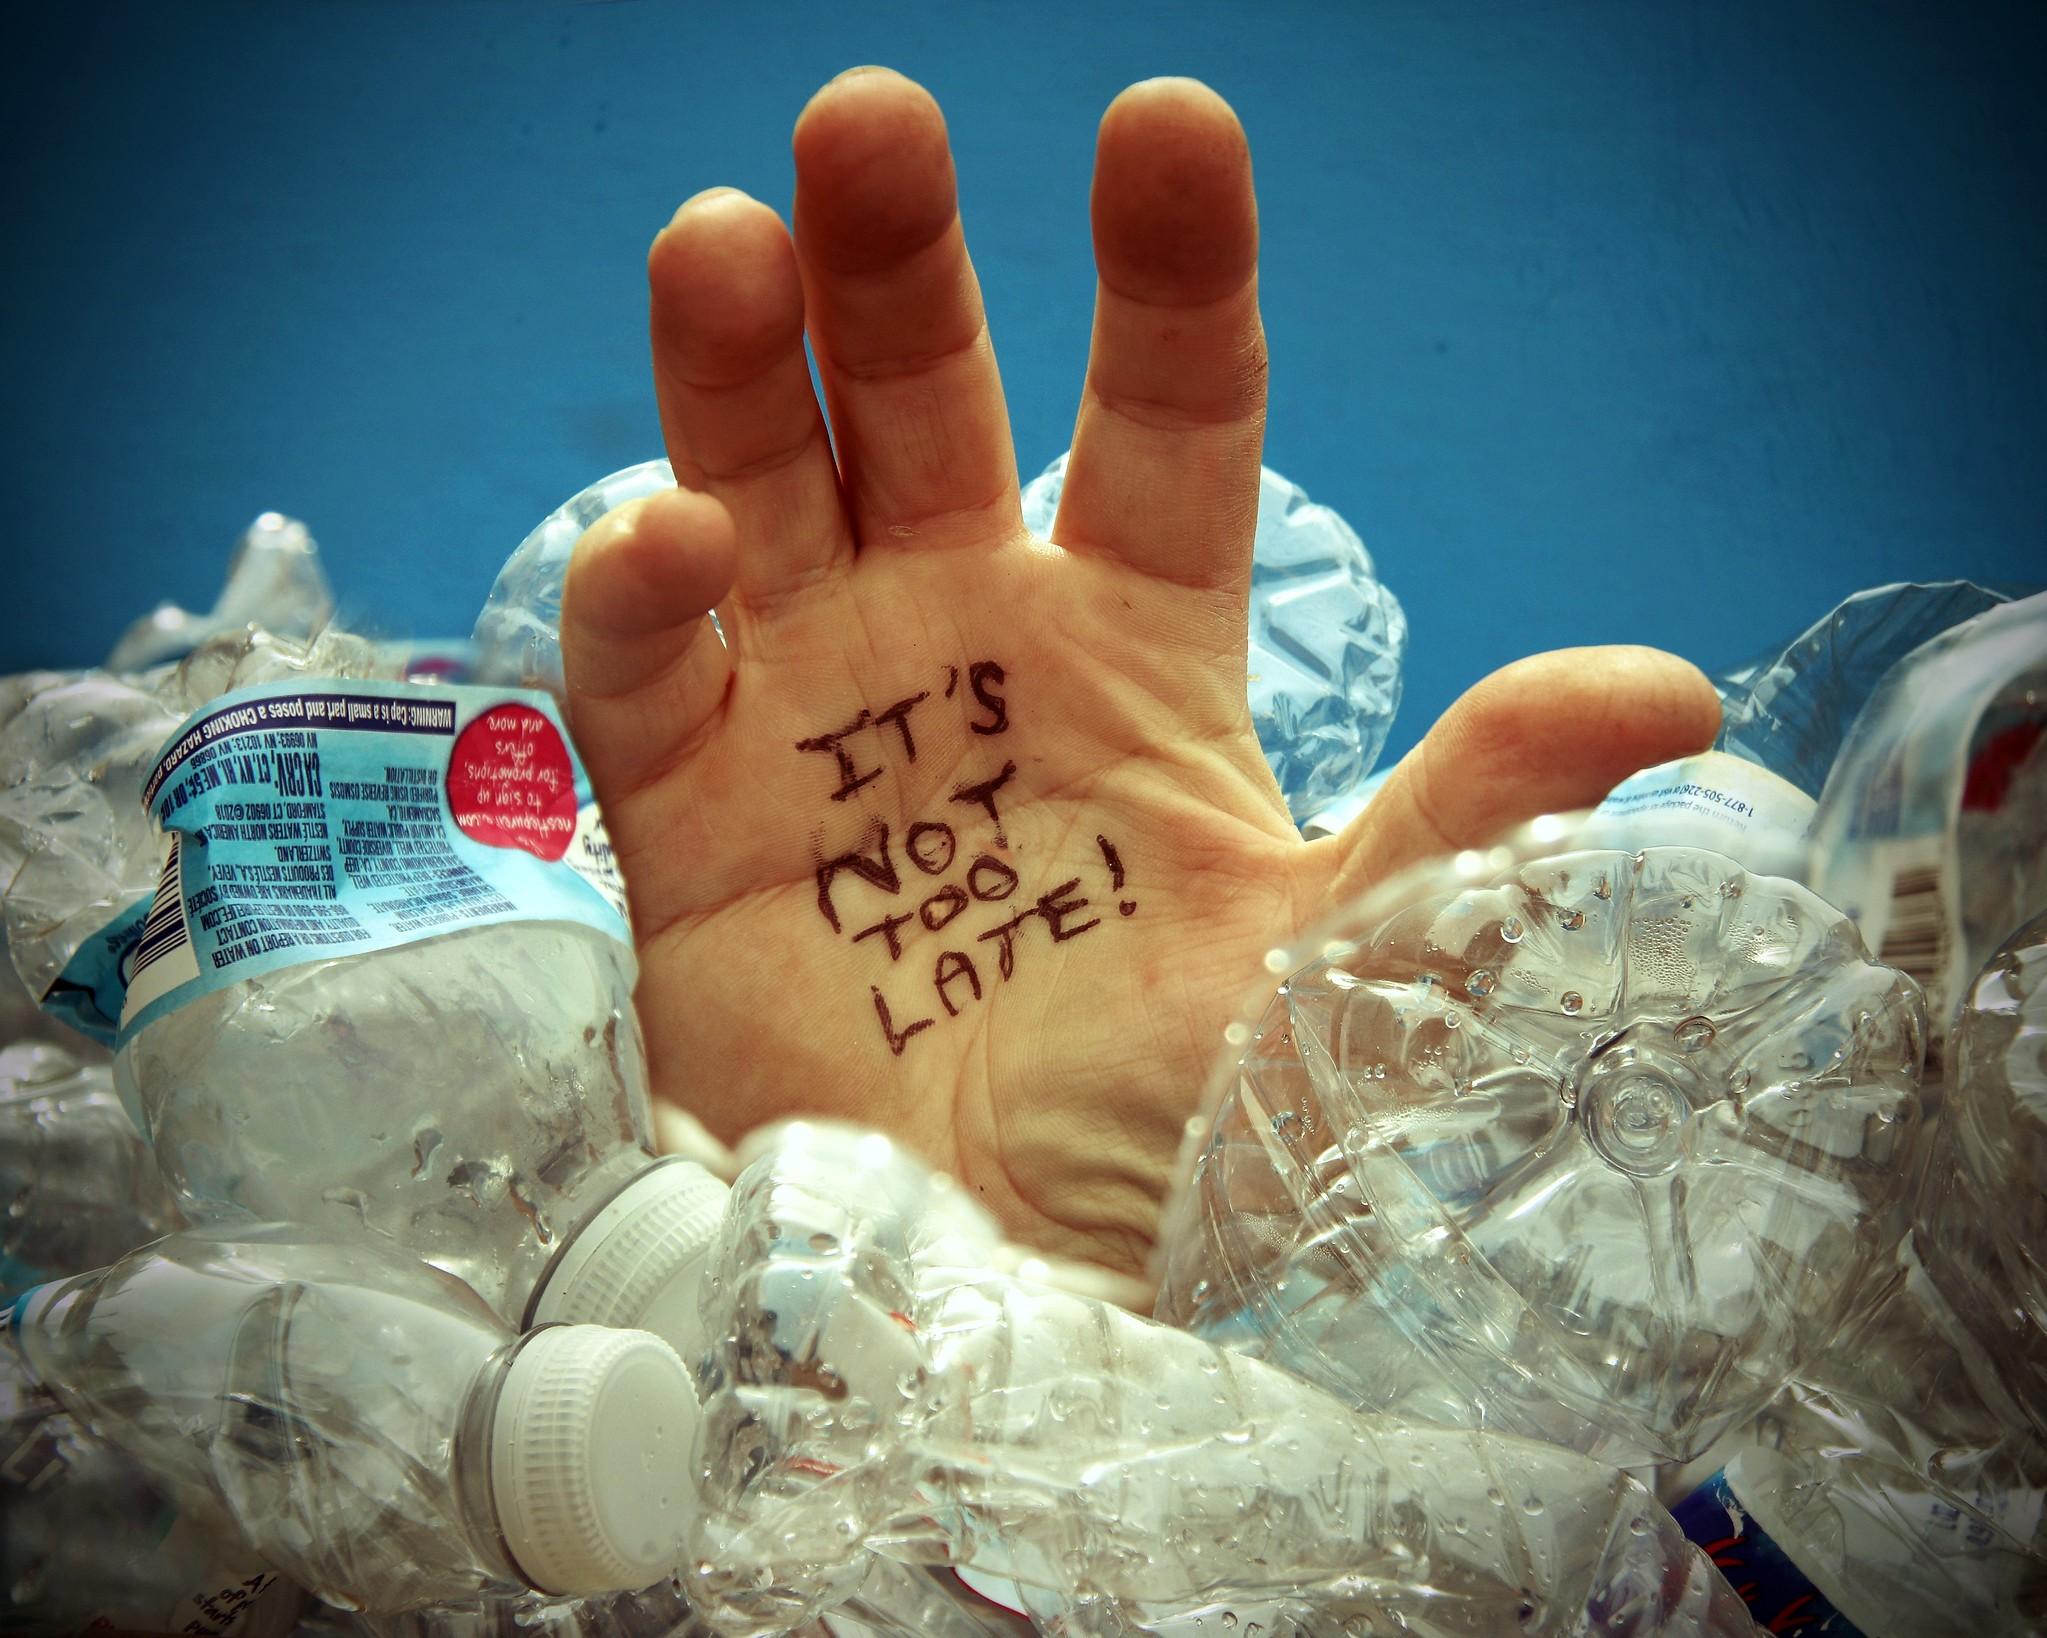 littering